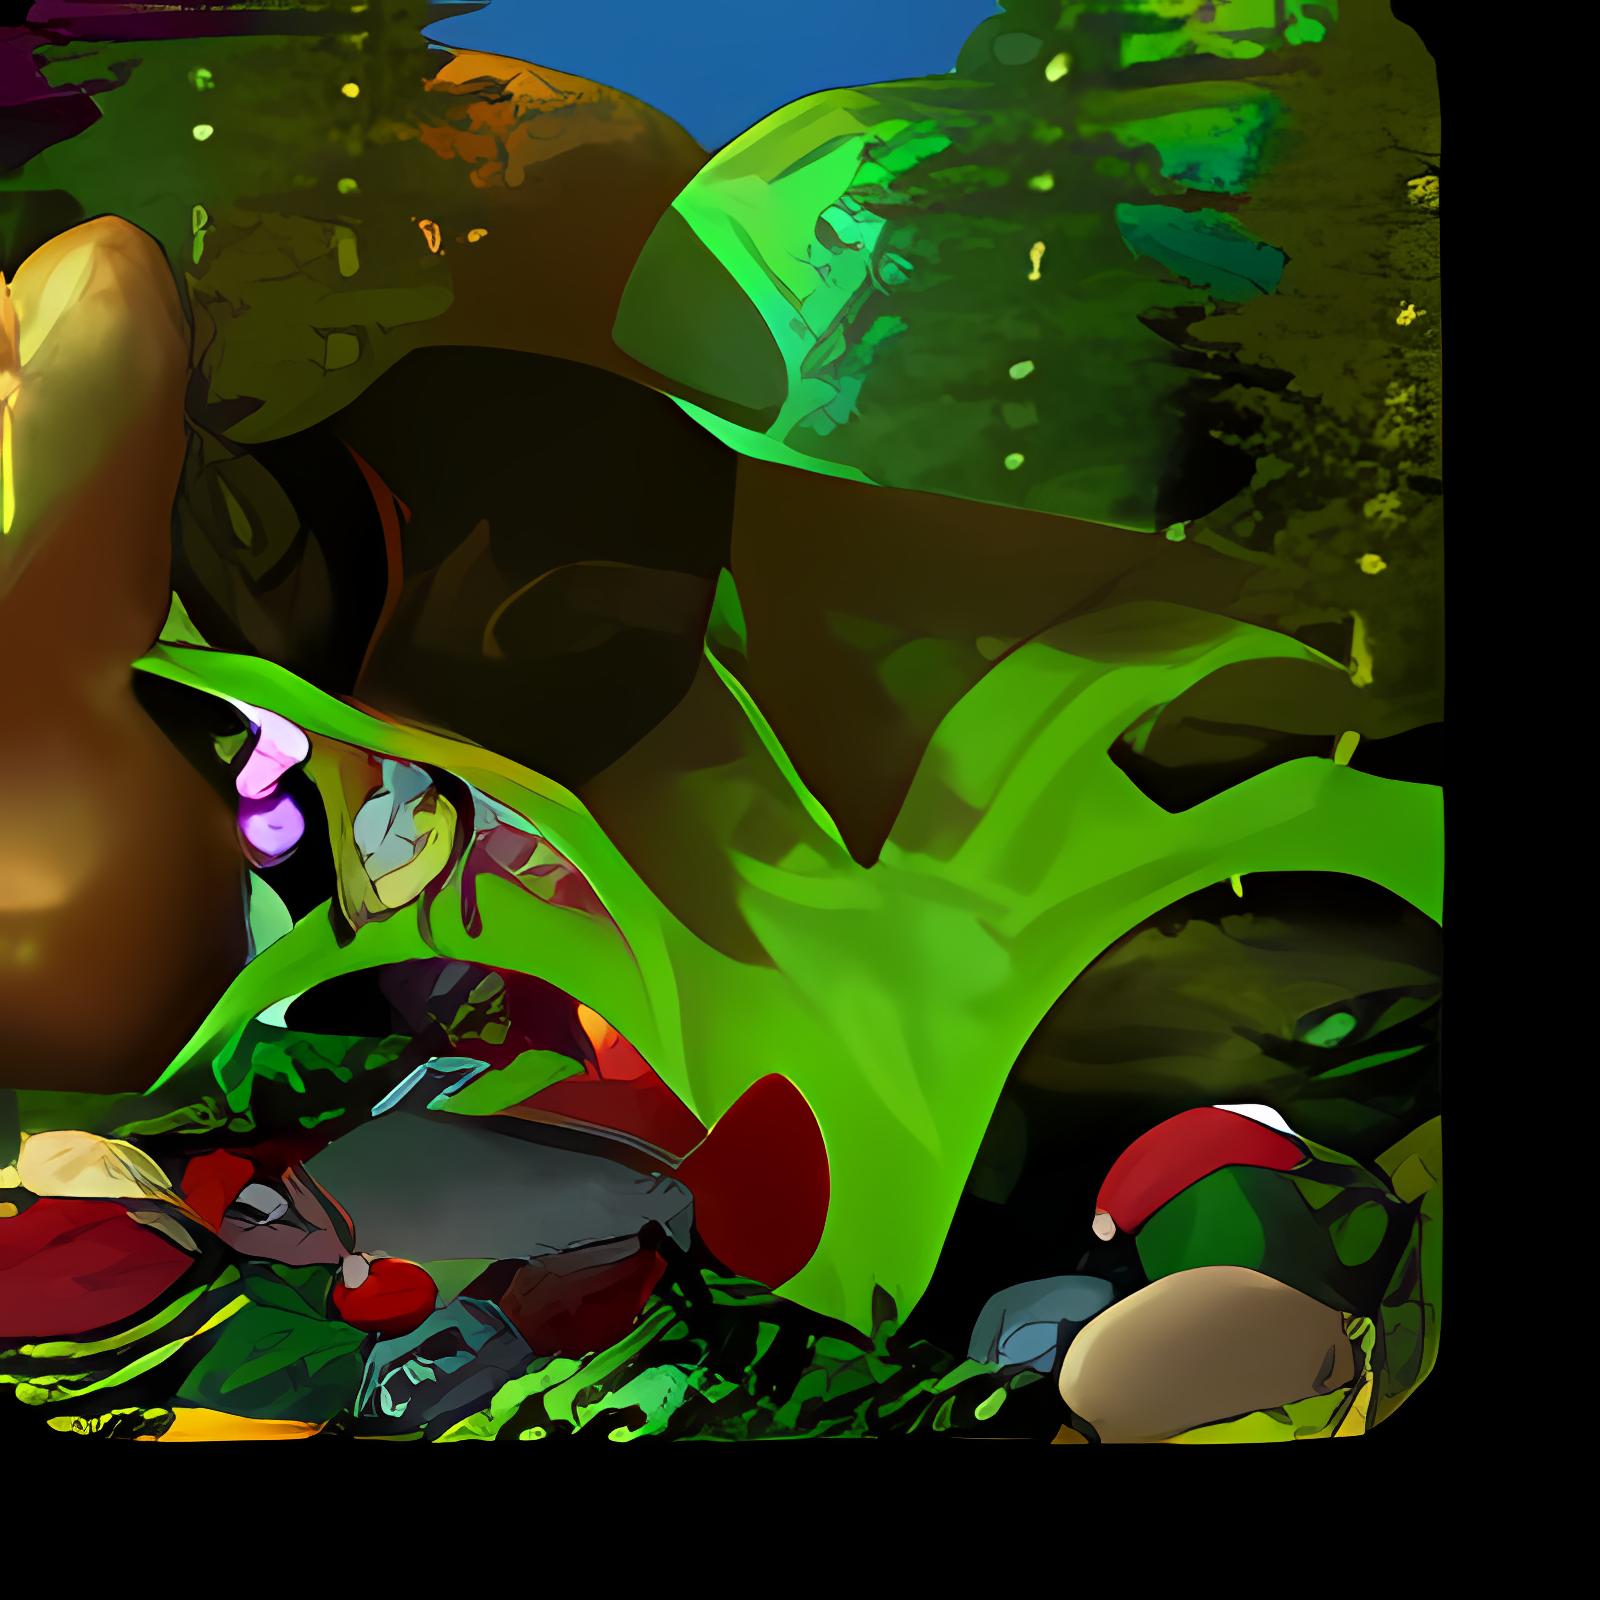 Free 3D Aquarium Screensaver